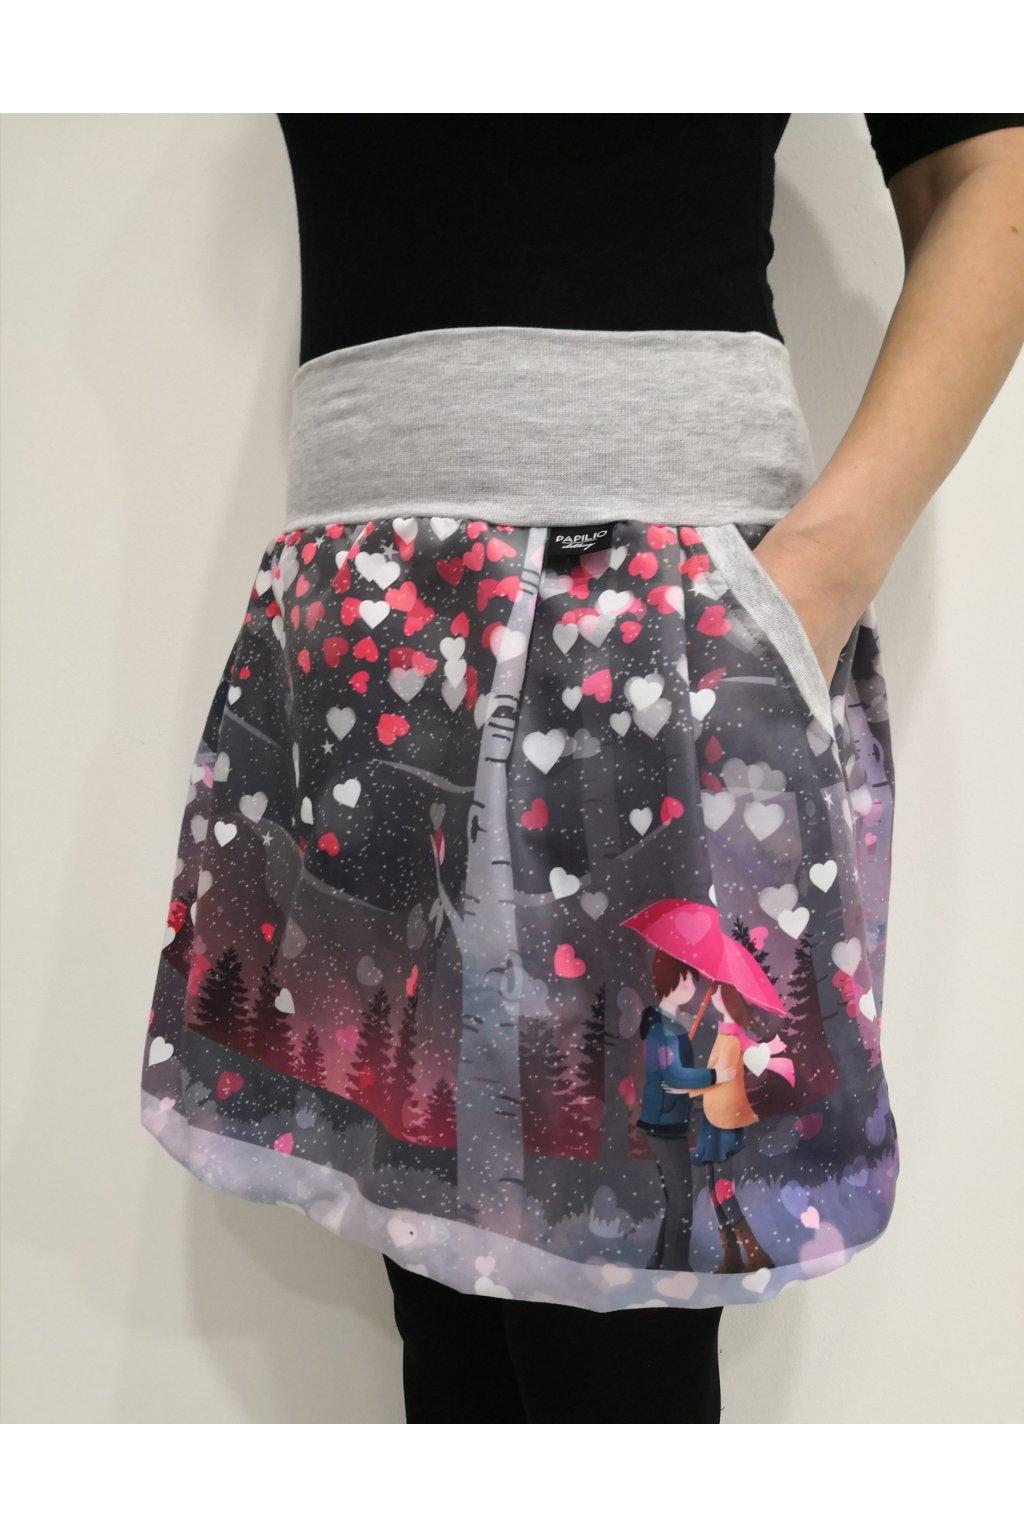 Dívčí balonová sukně Valentýnské setkání II. | micropeach